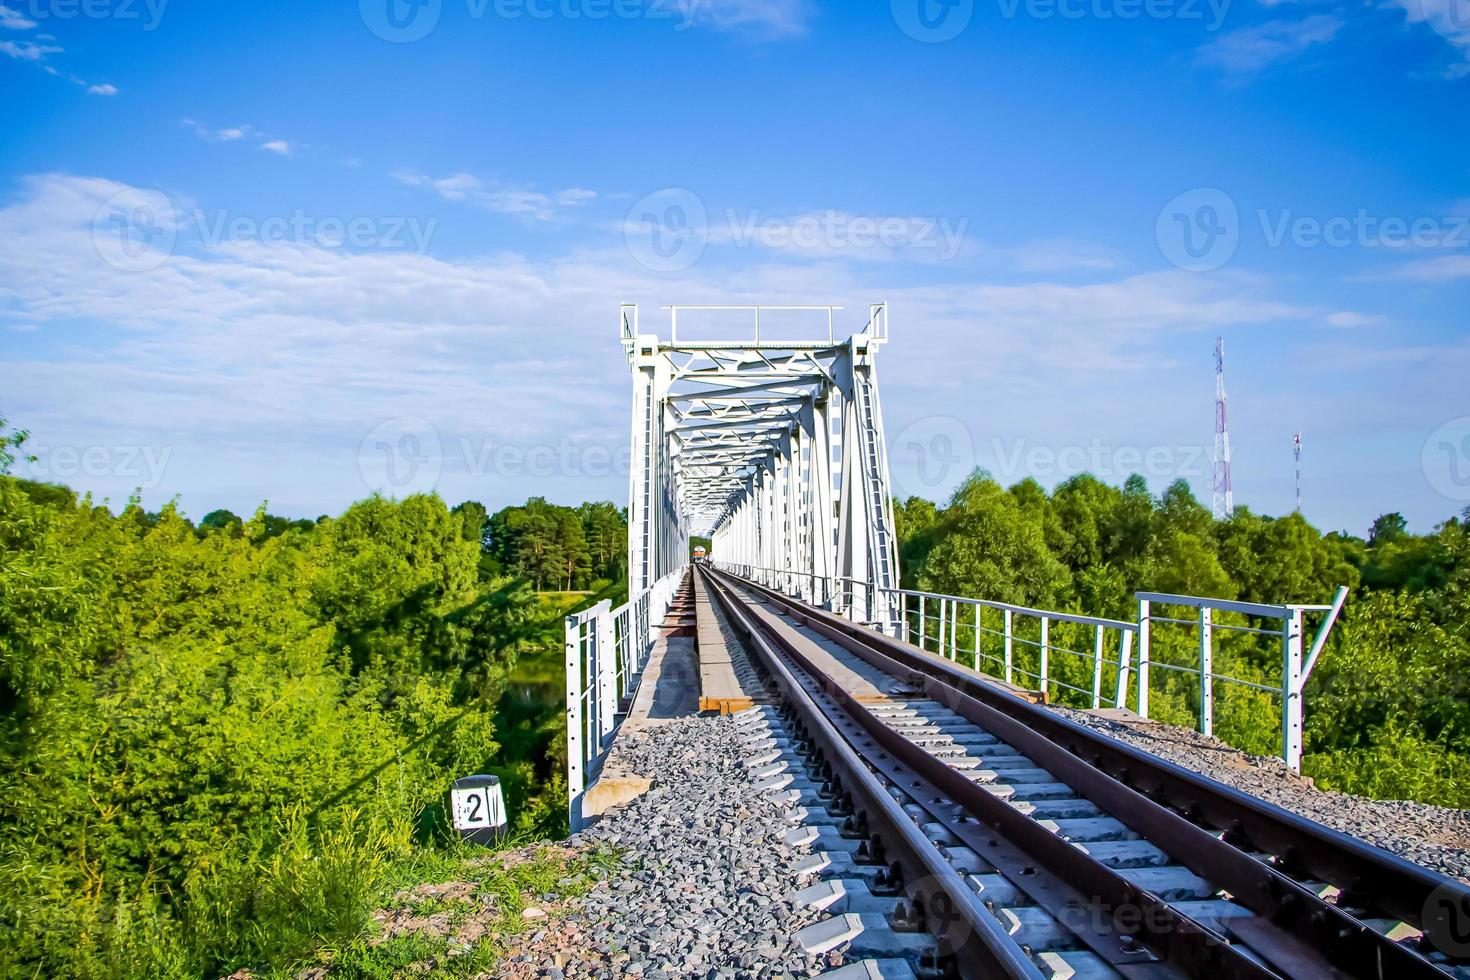 schöne Eisenbahnbrücke auf einem Hintergrund des Grüns und des blauen Himmels, Perspektive foto